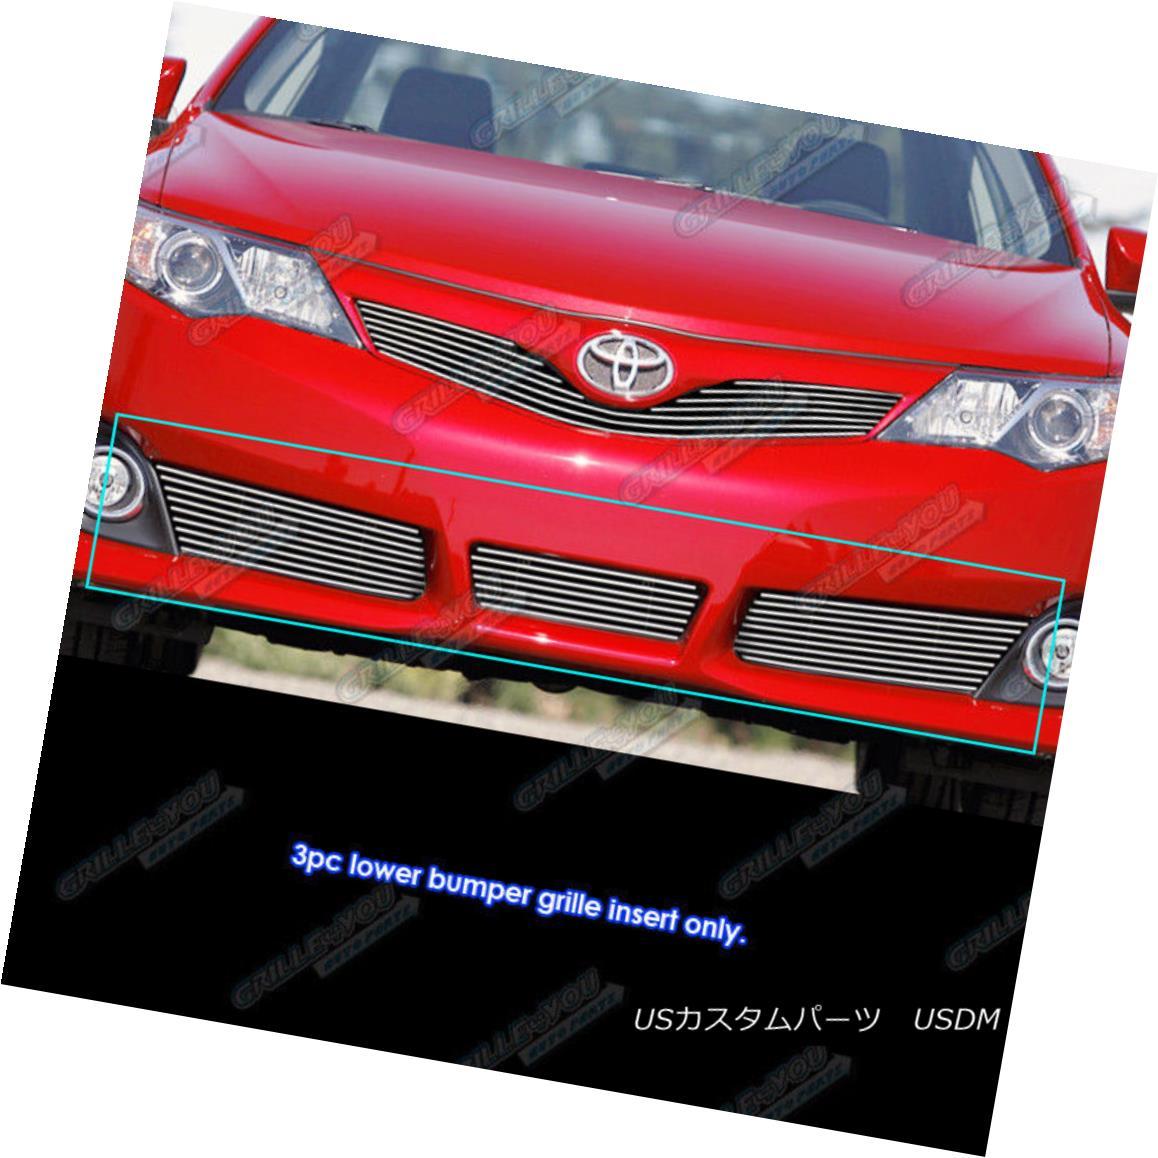 グリル Fits 2012-2014 Toyota Camry SE model Lower Bumper Billet Grille Insert フィット2012-2014トヨタカムリSEモデルロワーバンパービレットグリルインサート